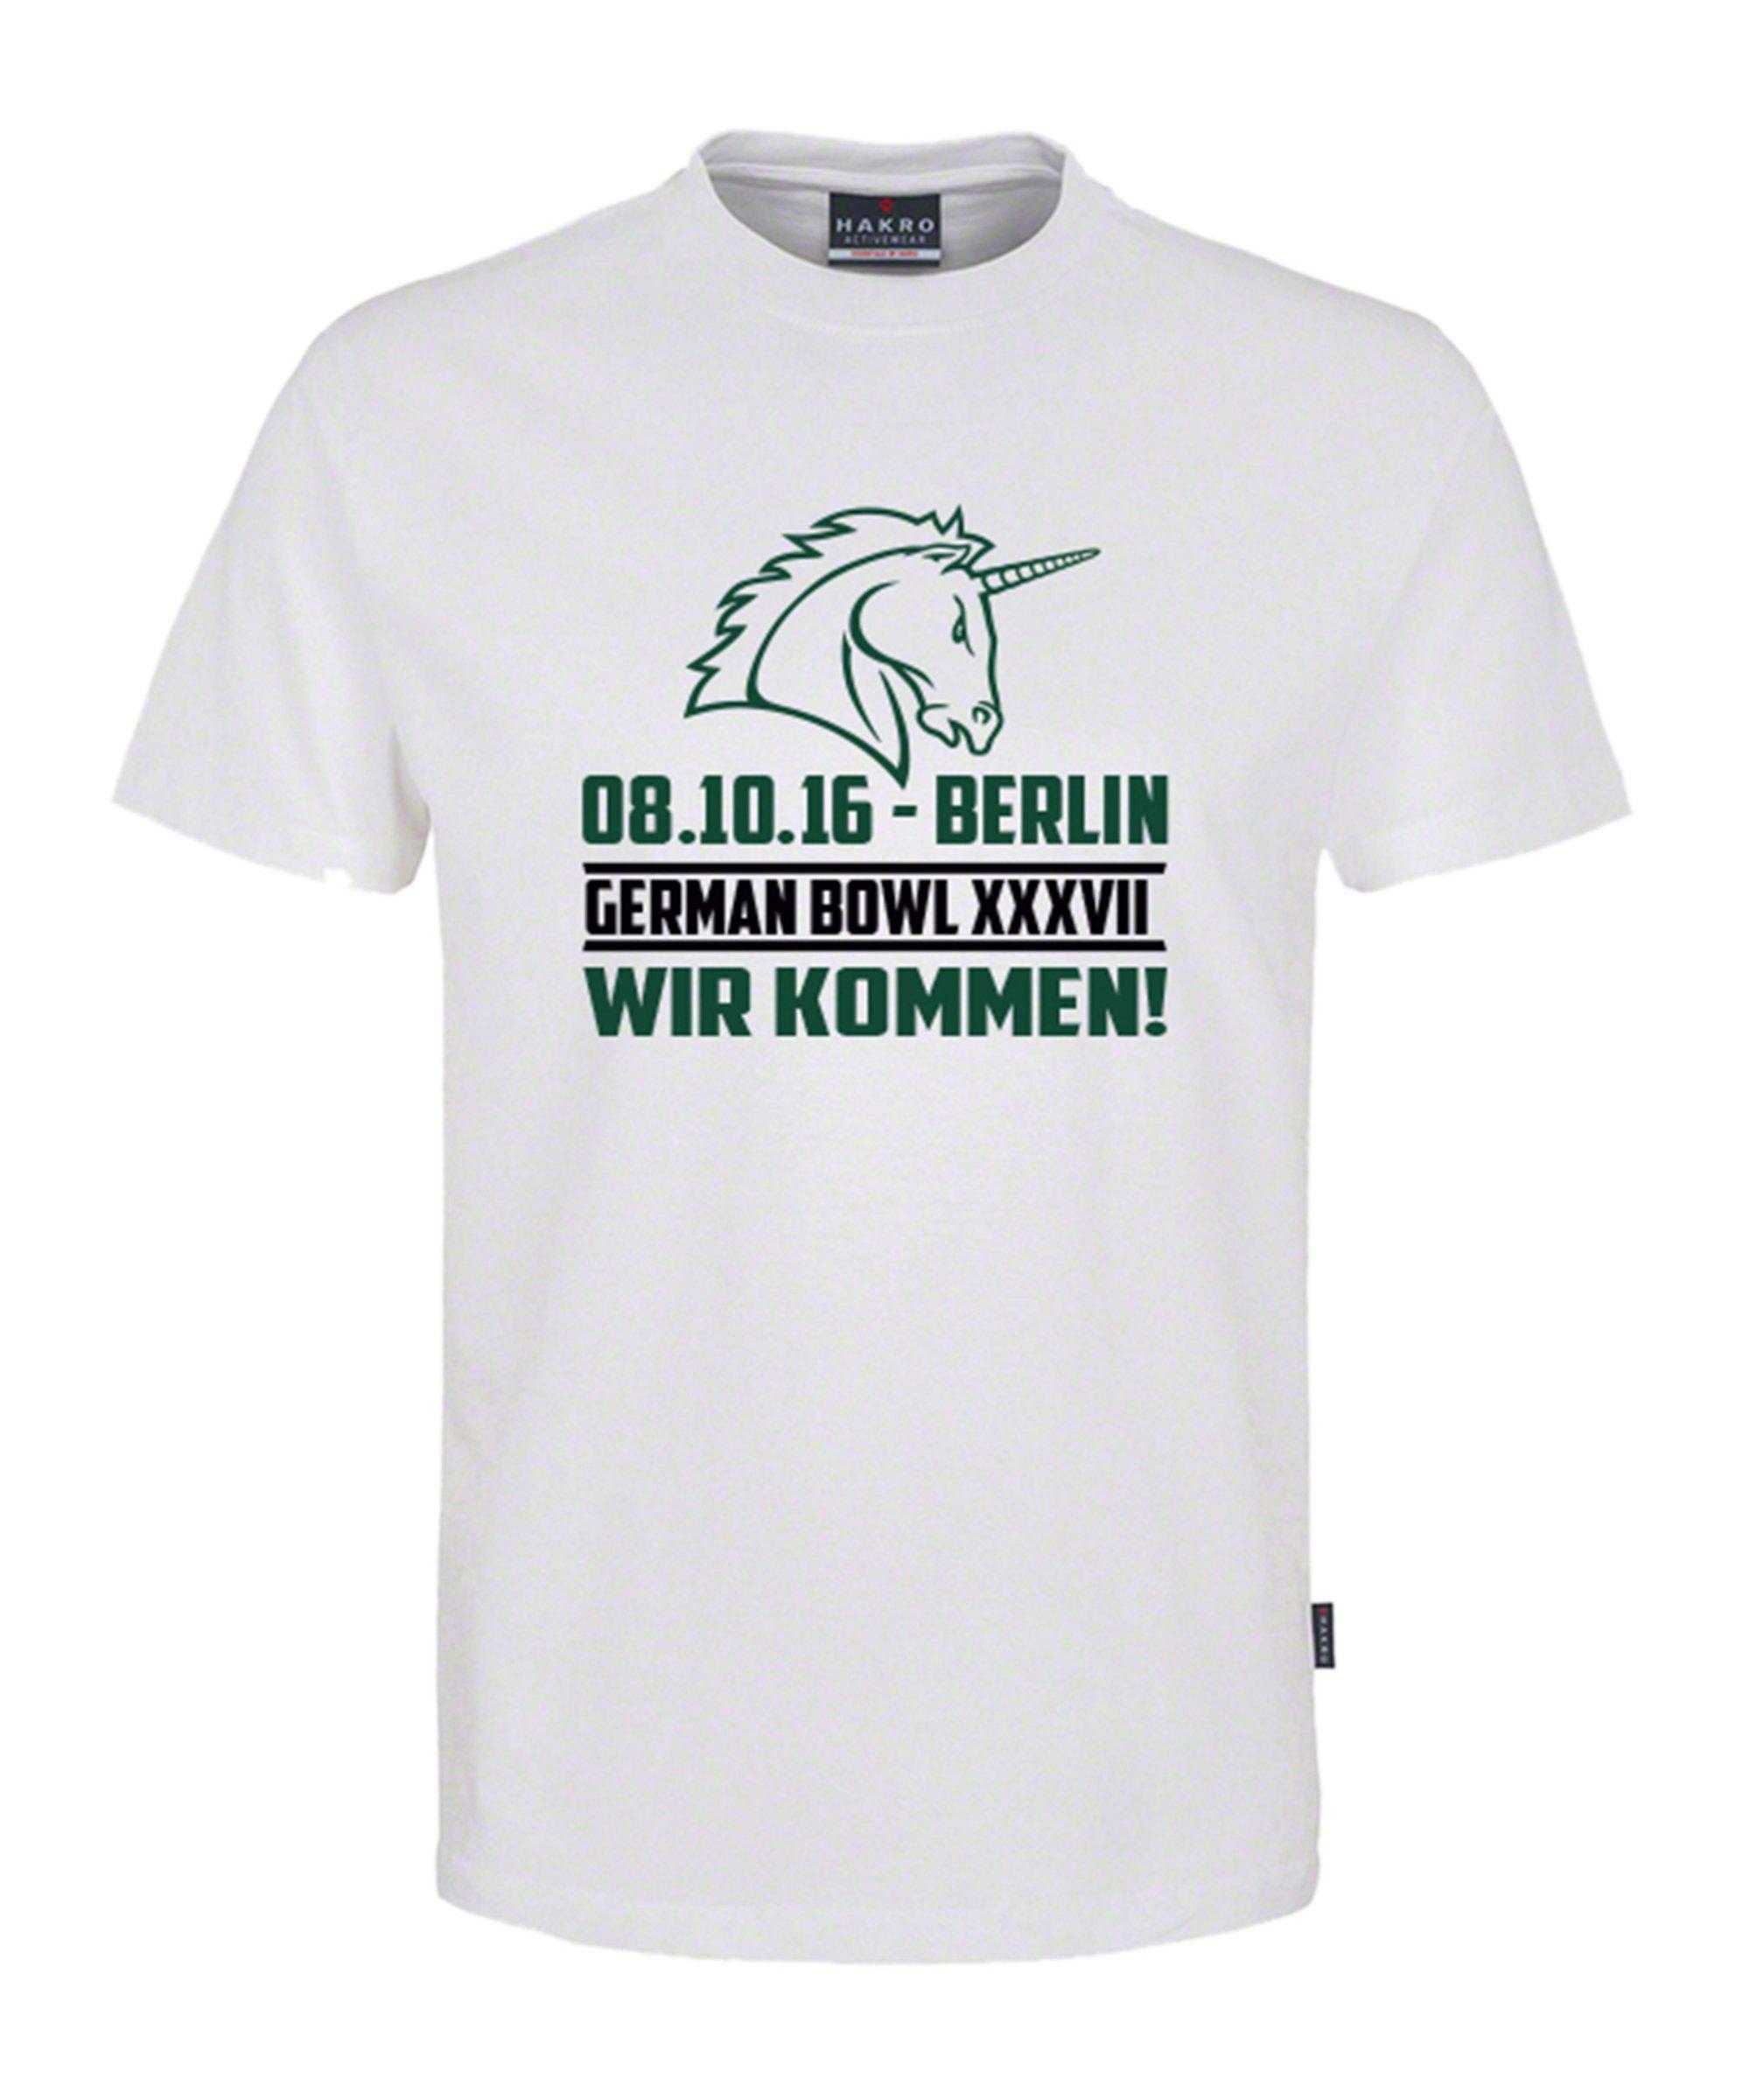 Unicorns T-Shirt Classic Kids German Bowl Weiss - weiss